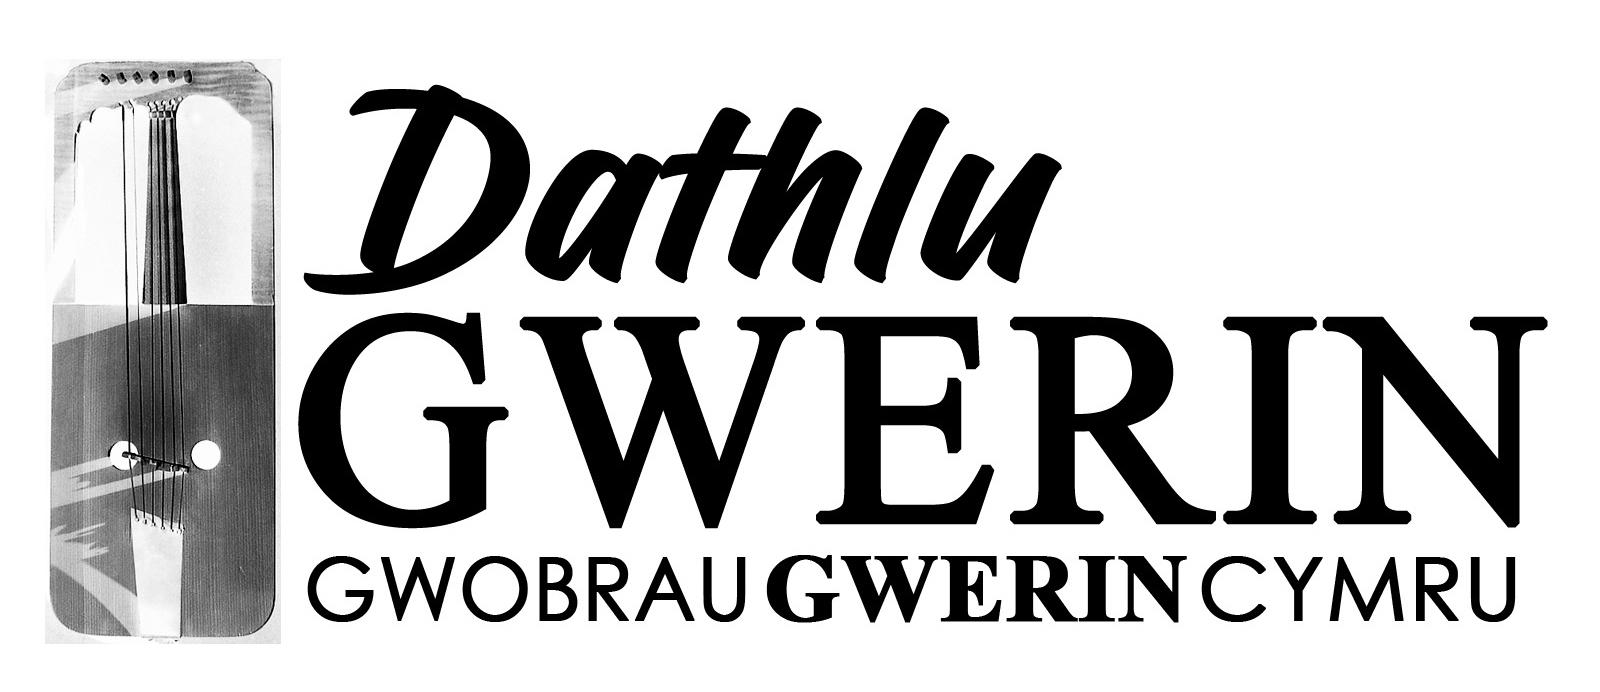 Dathlu Gwerin